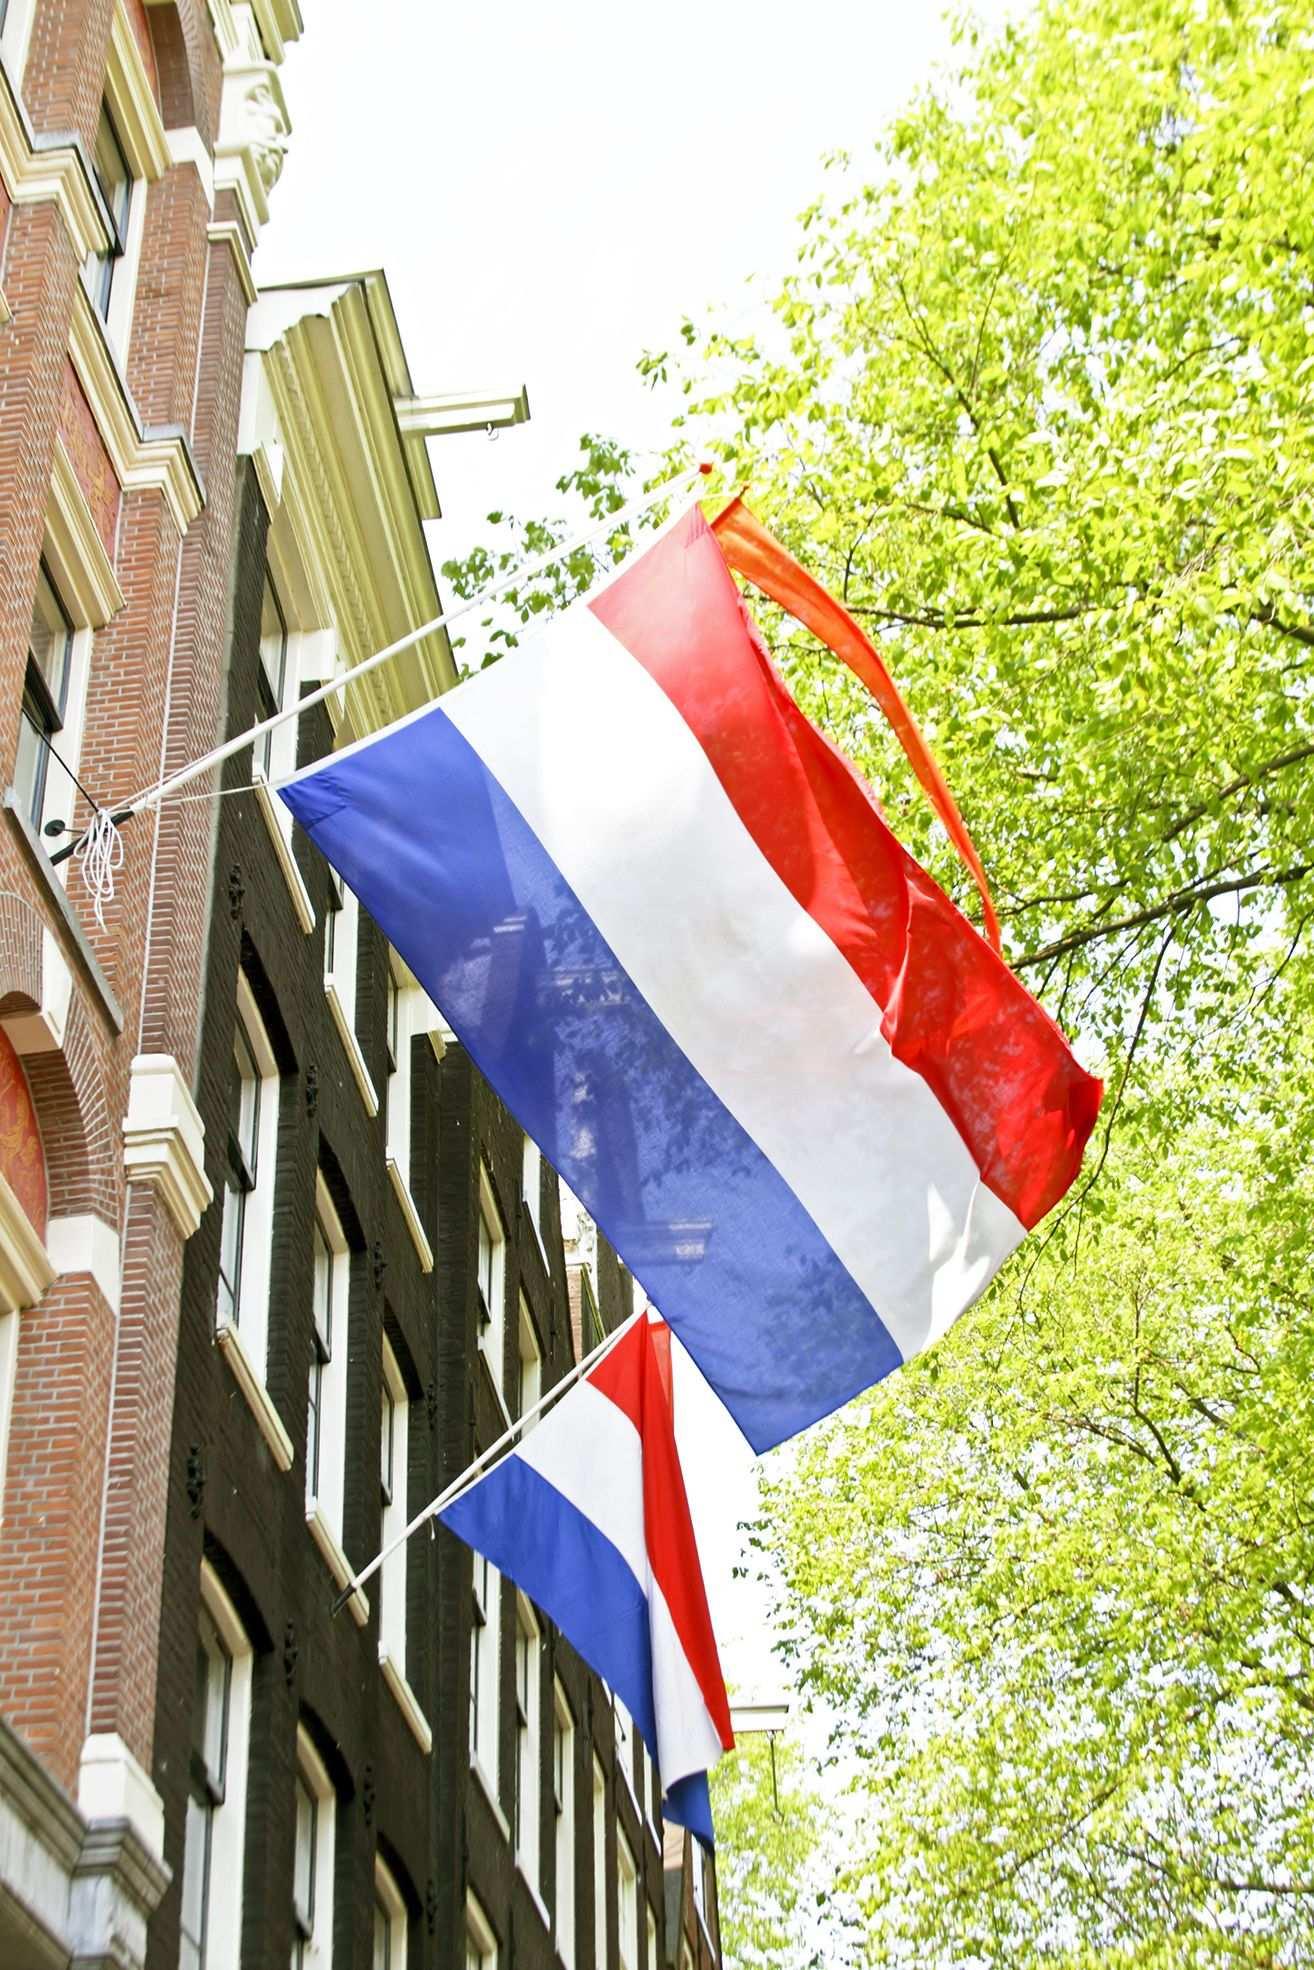 Dutch Flag With An Orange Pennant Nederlandse Vlag Met Oranje